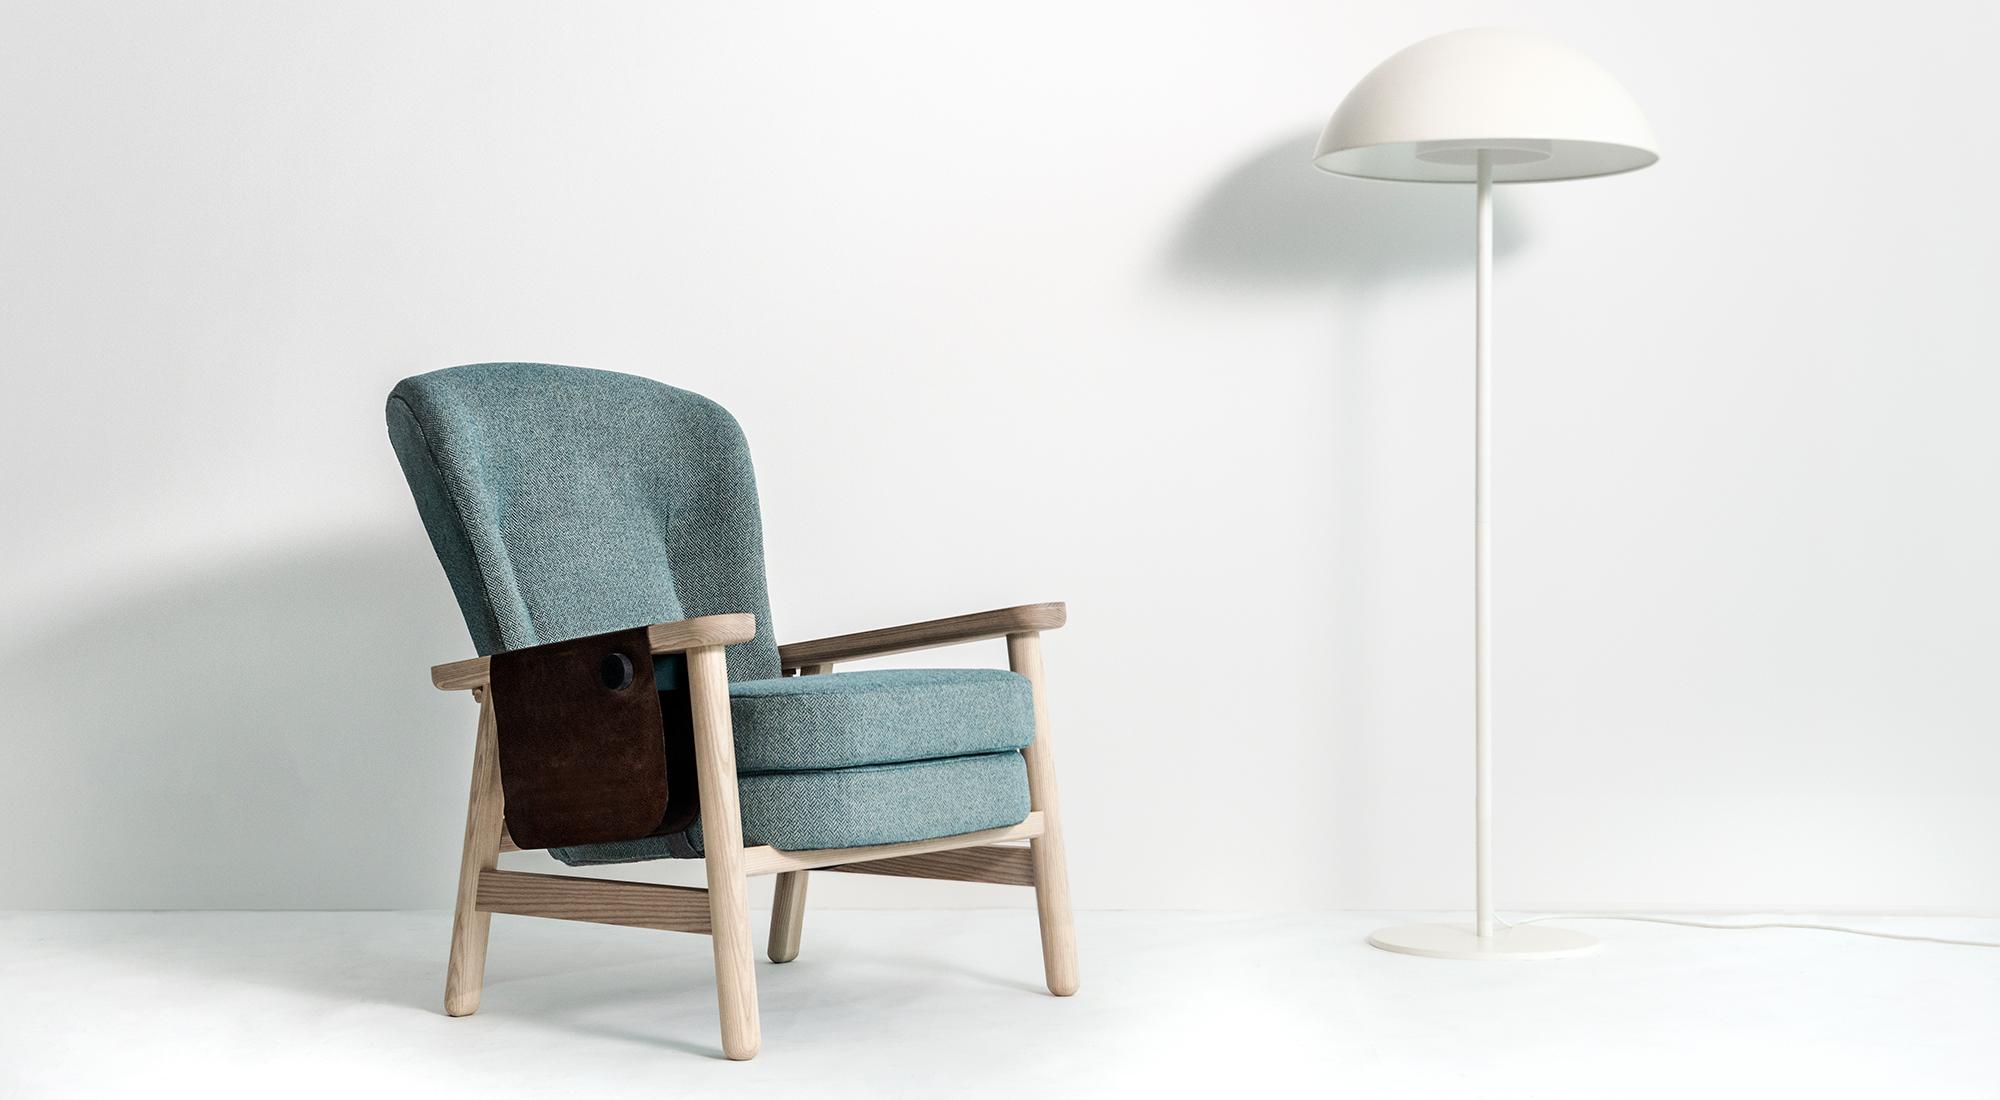 cadeira da empatia cadeira magica designers partners designe 1